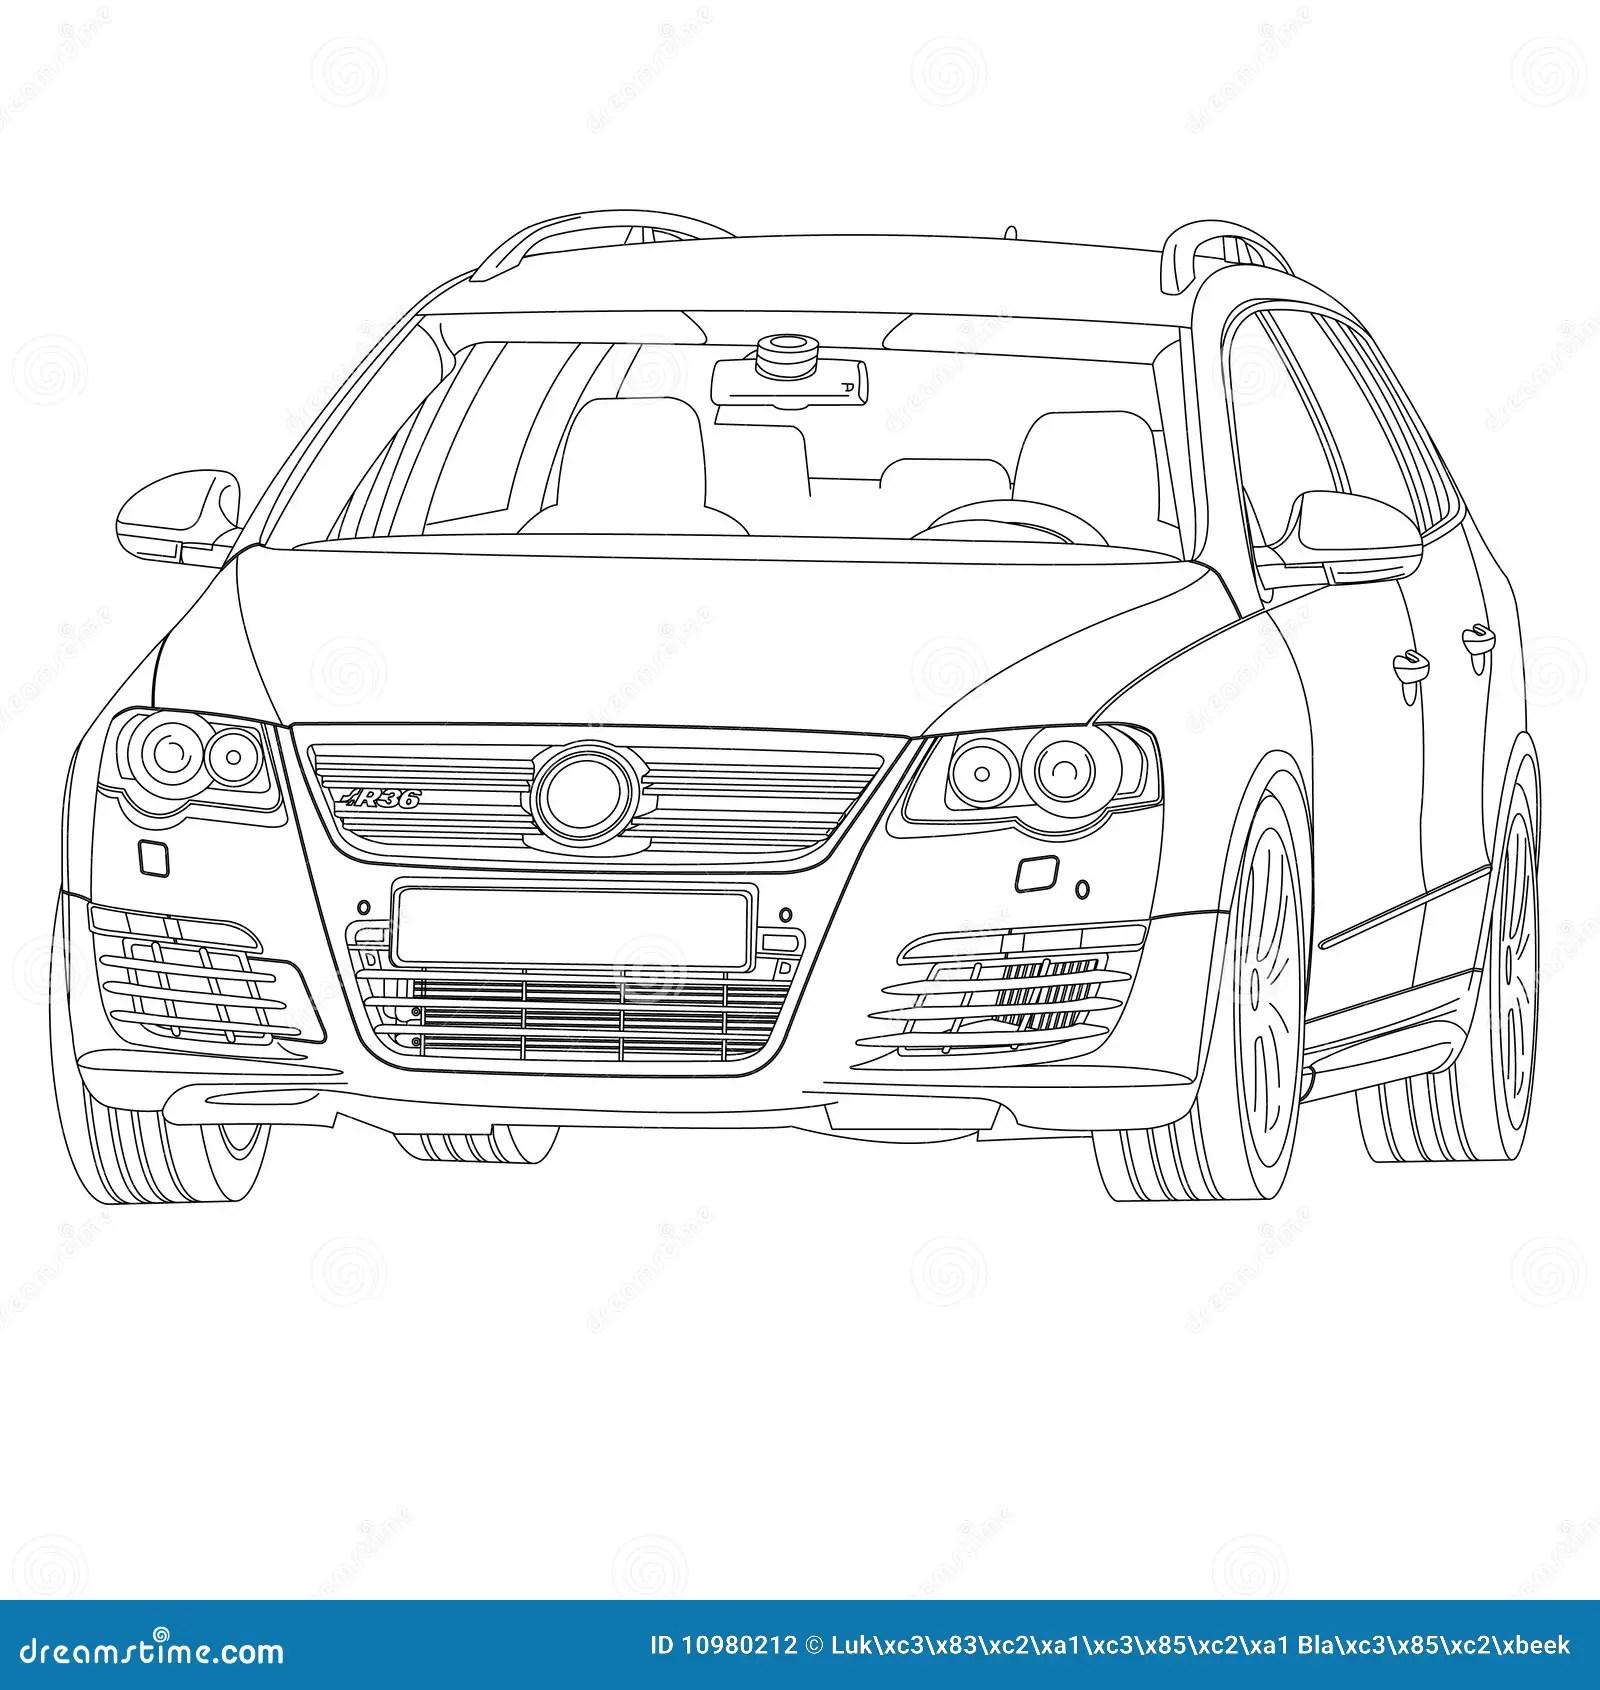 Volkswagen R36 illustrazione vettoriale. Illustrazione di